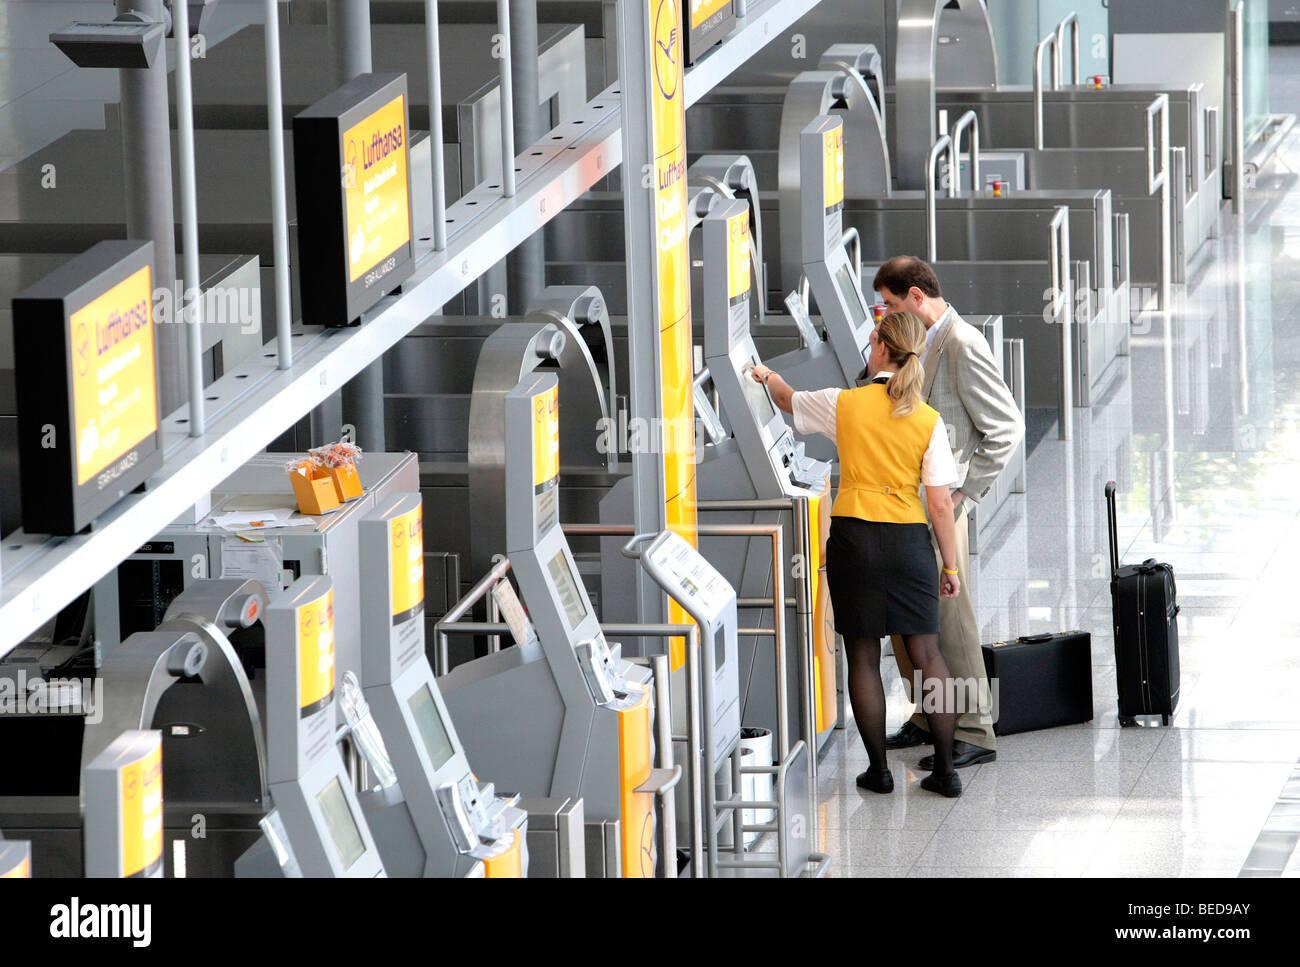 Lufthansa dipendente spiegando a un passeggero la Quick-Check-in-terminale della Lufthansa, il Terminal 2 dell'aeroporto Immagini Stock